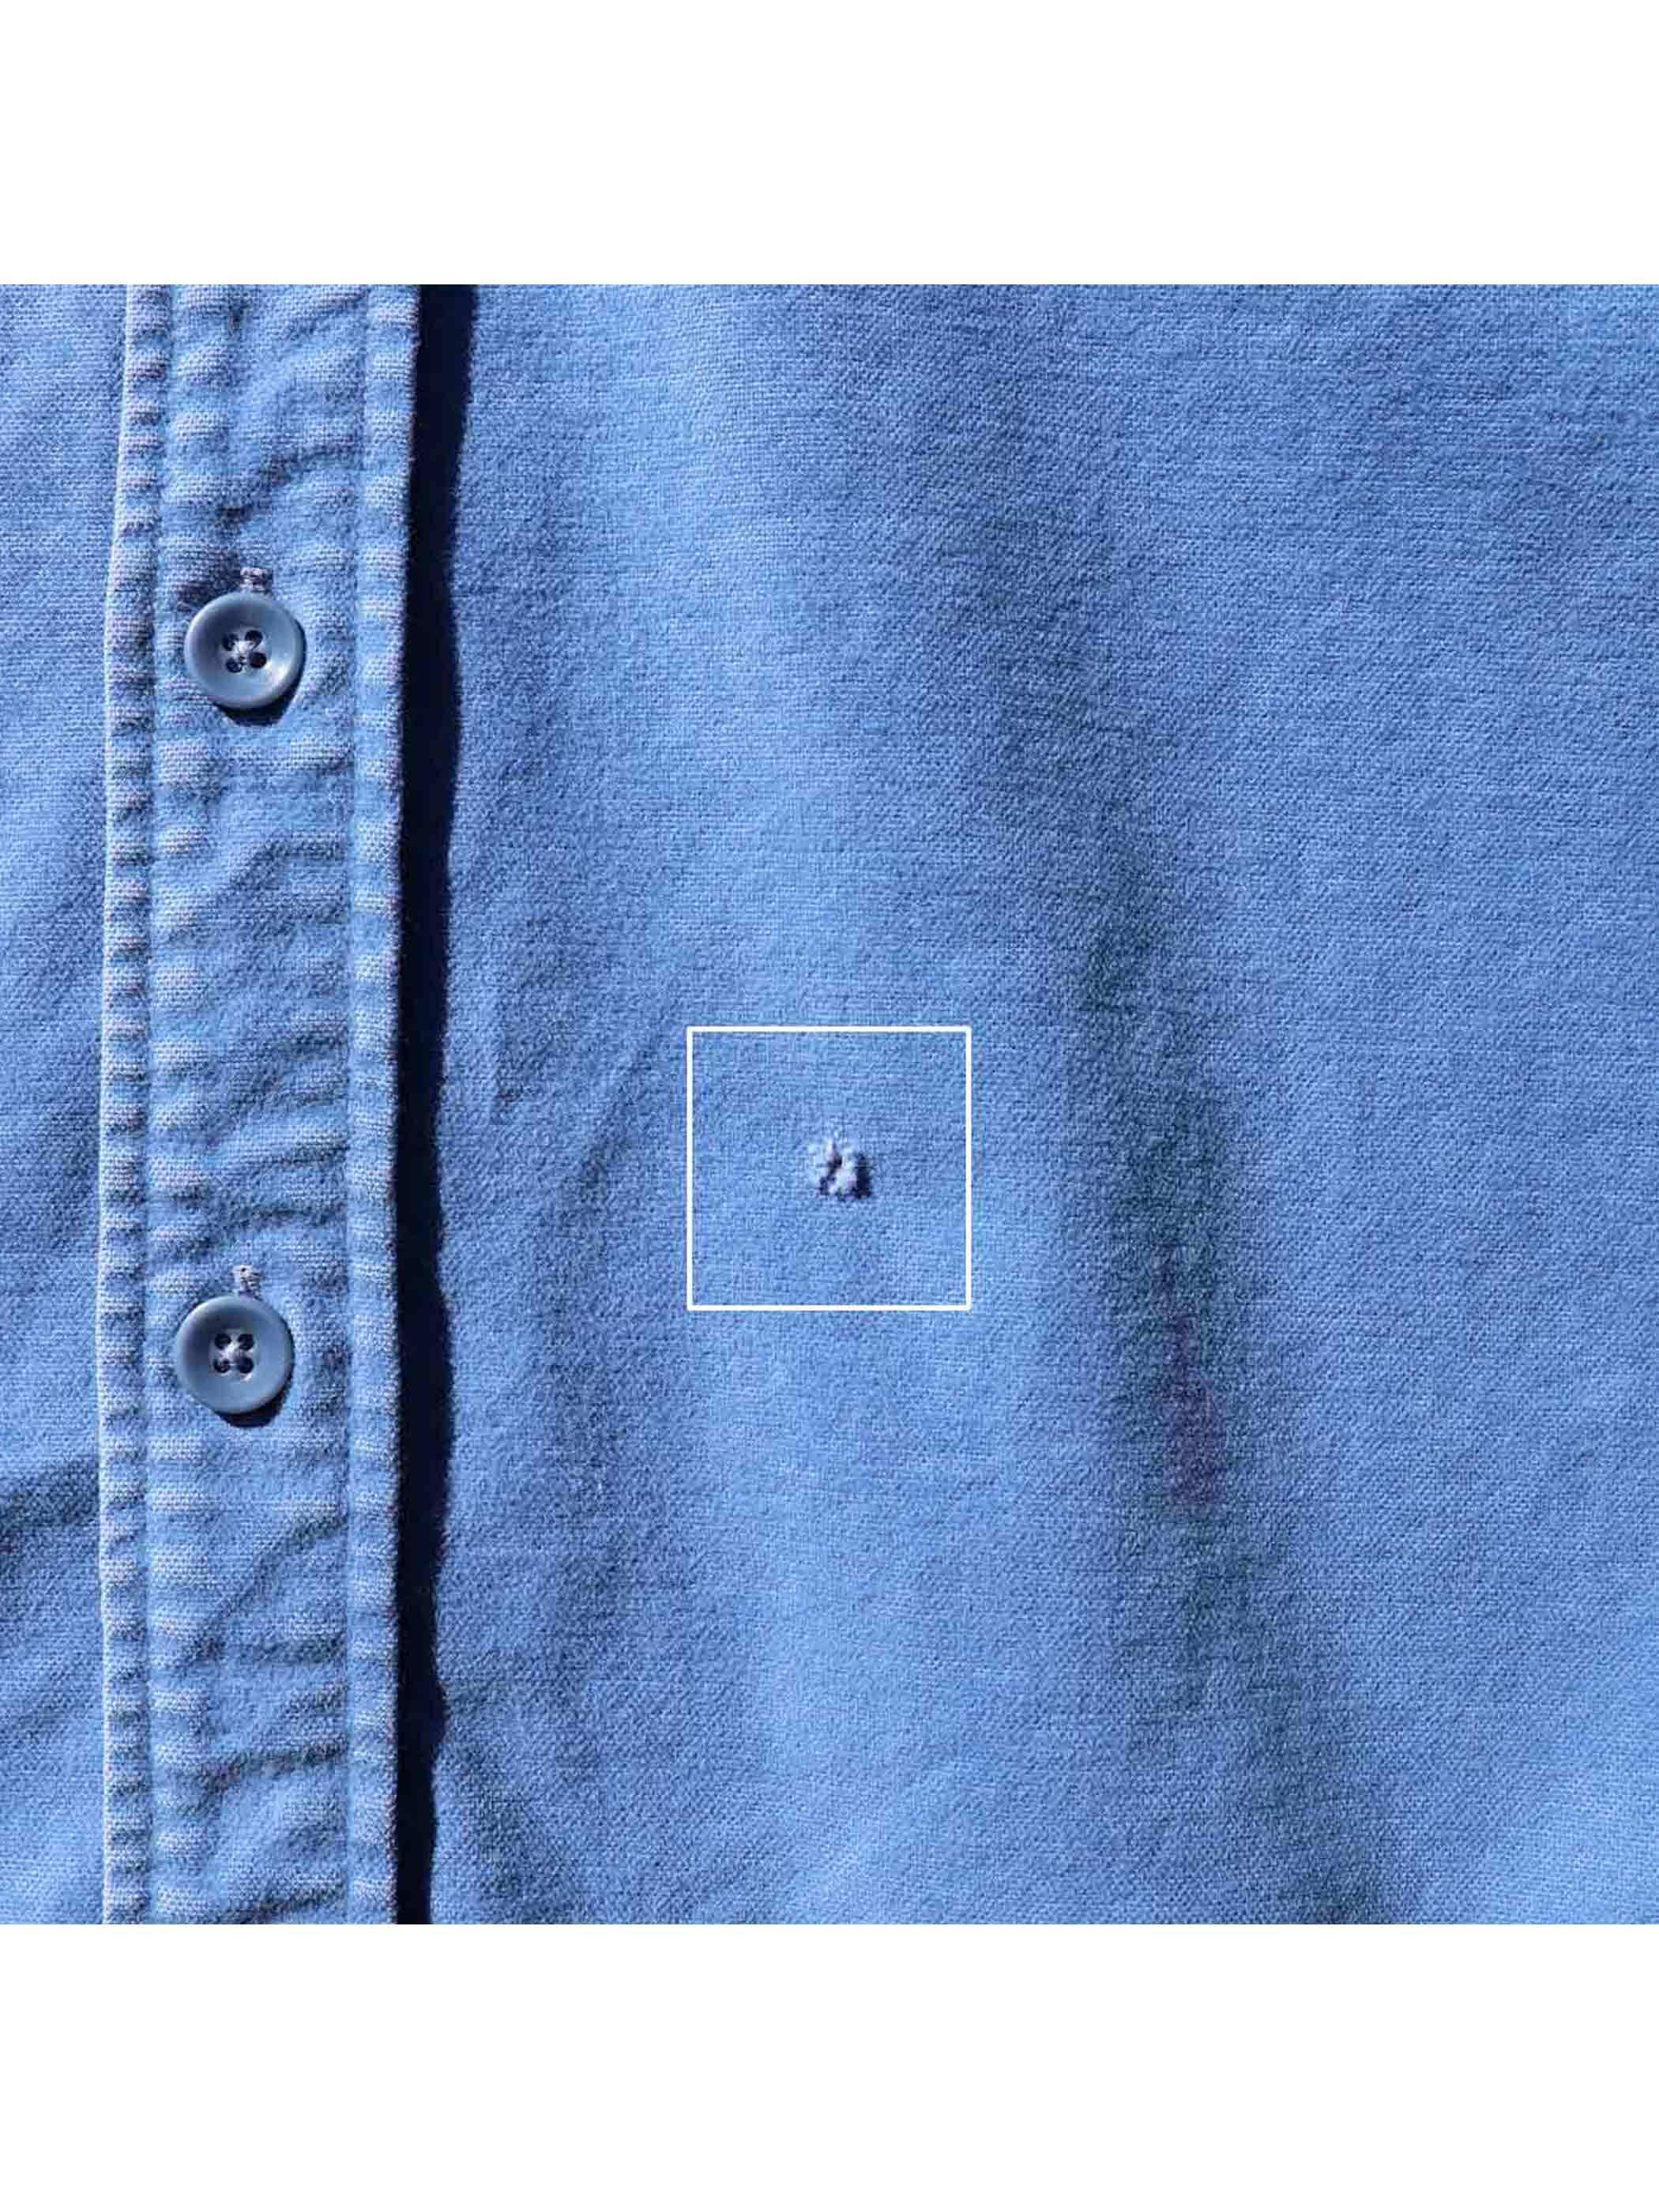 80's L.L. BEAN サックス シャモアクロスシャツ [16-1/2]